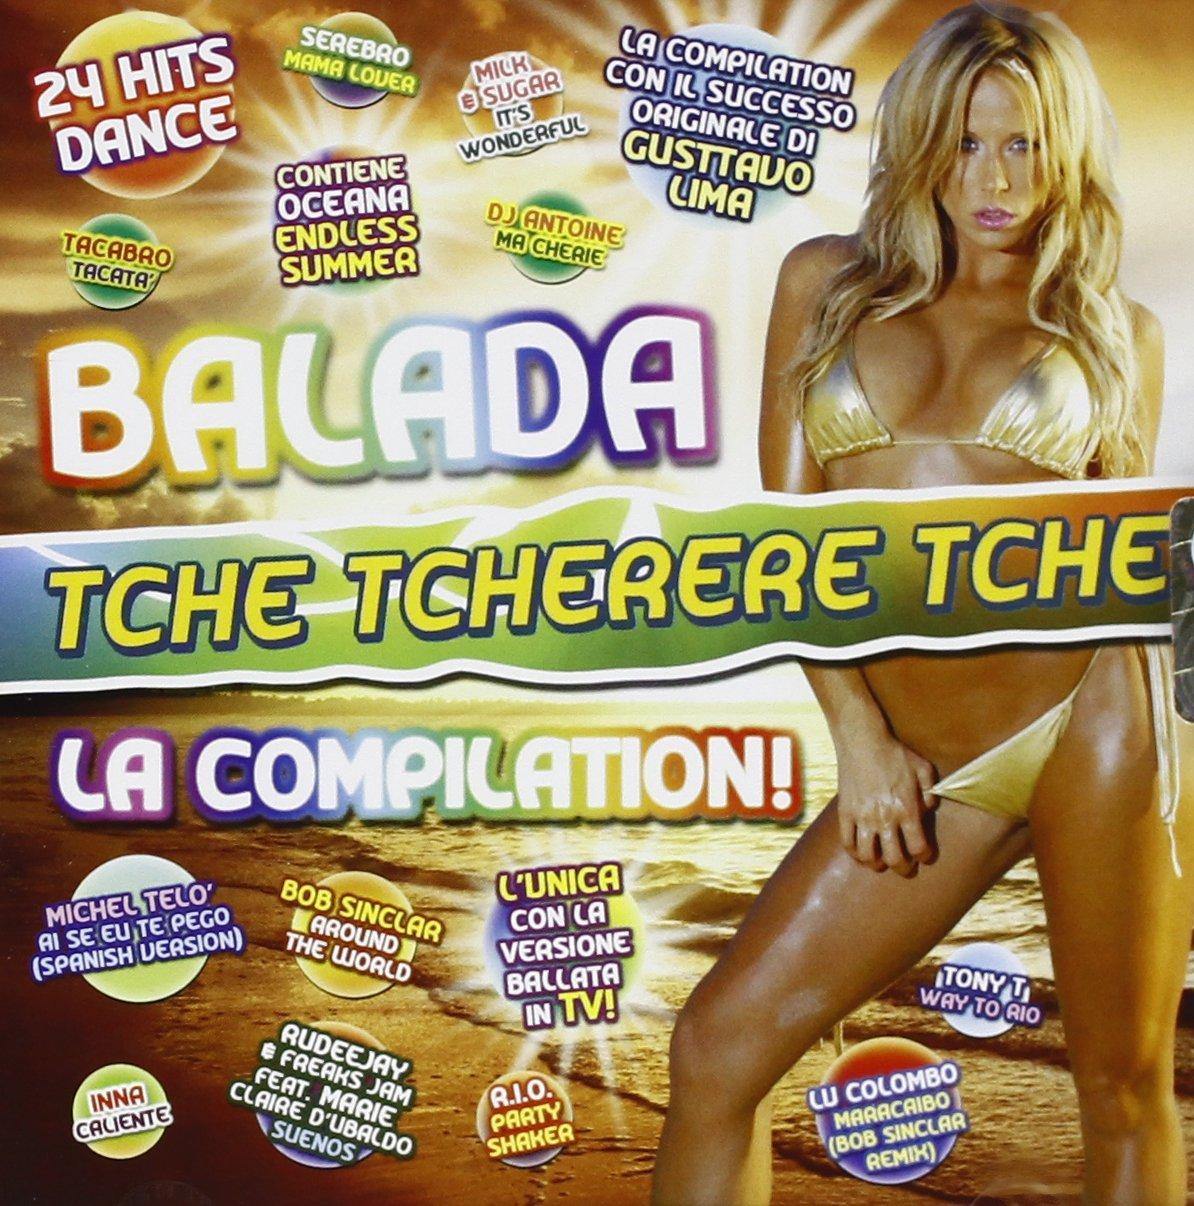 Balada Tche Thcerere Tche - La Compilation